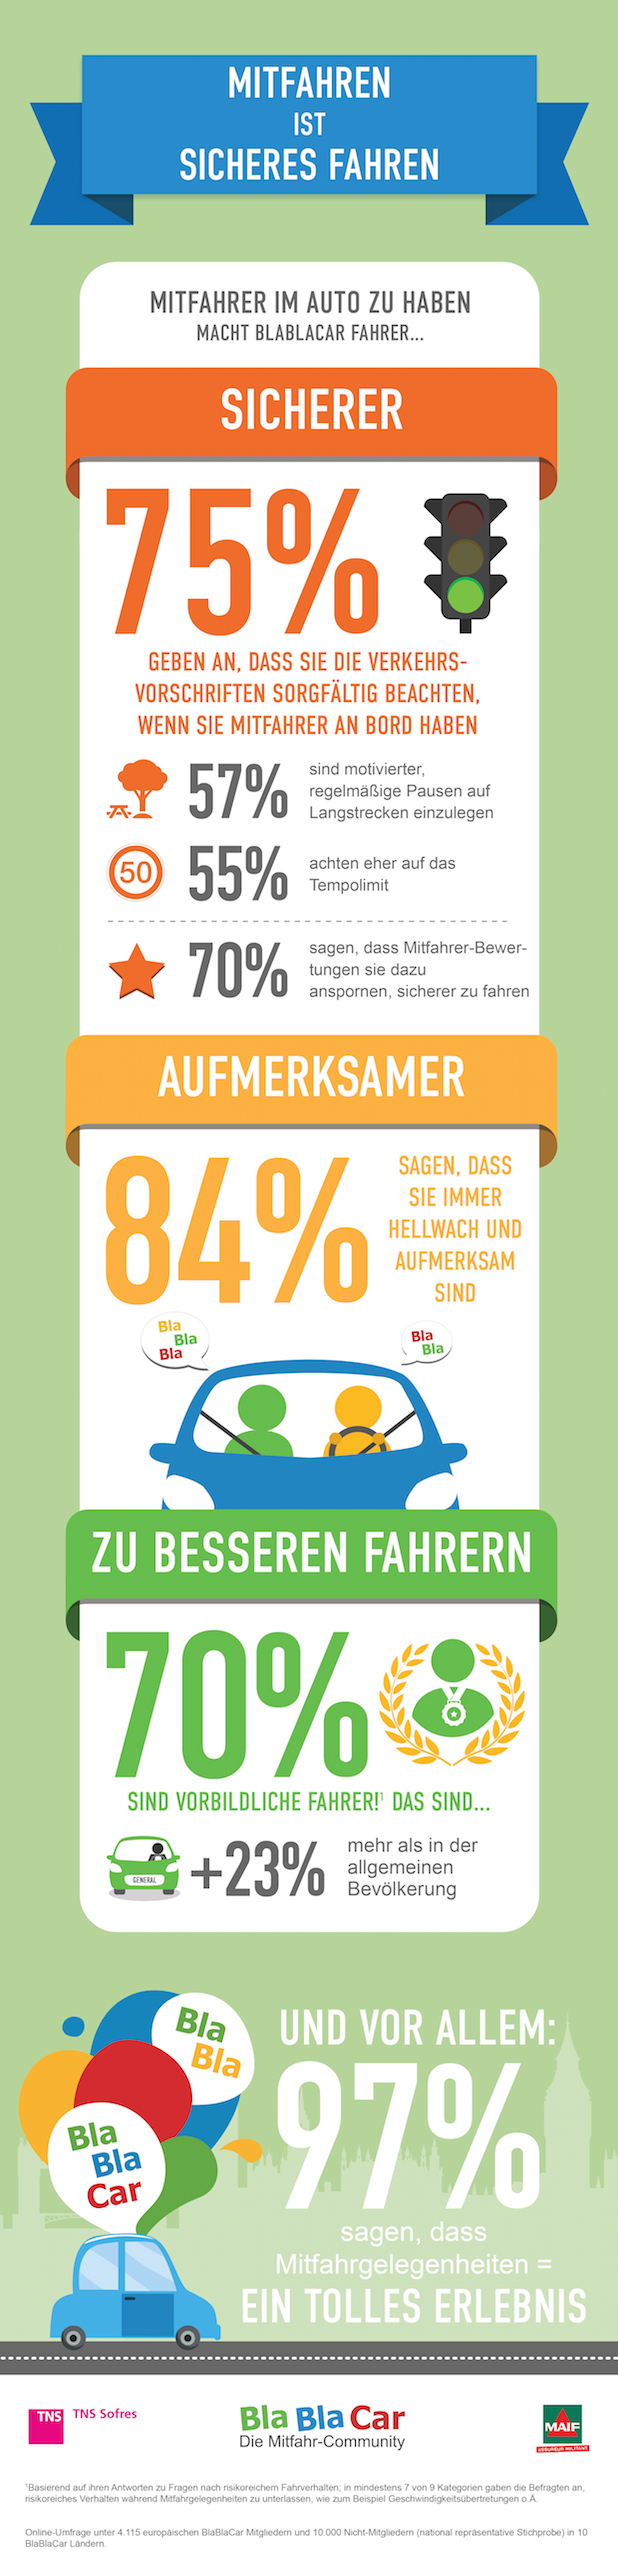 Photo of BlaBlaCar-Fahrer sind sicherer unterwegs als der Durchschnitt